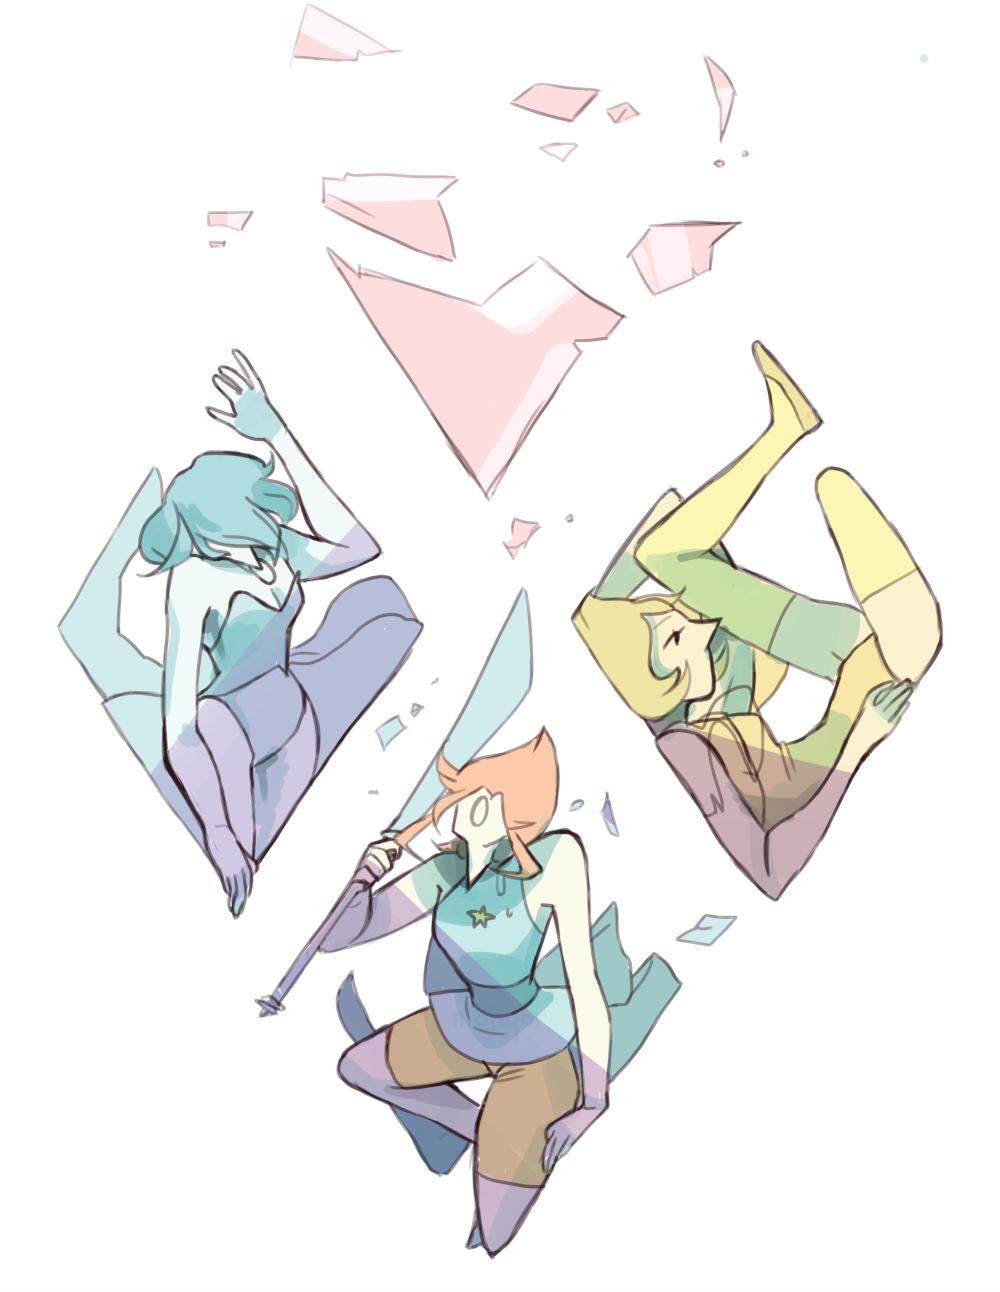 the great diamond authority